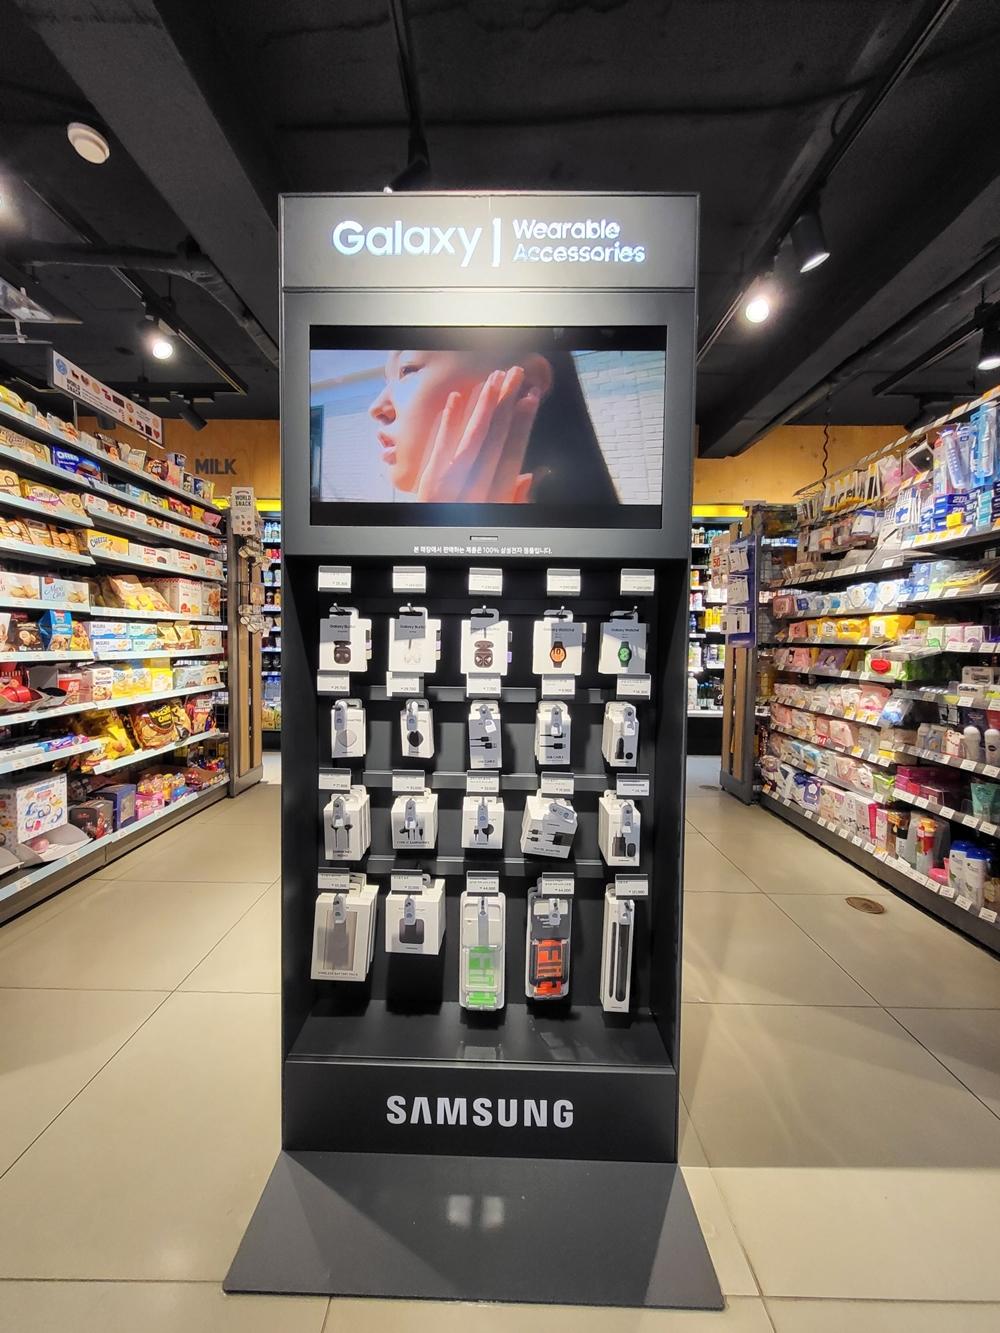 삼성 갤럭시 웨어러블기기 이마트24 판매 (3)